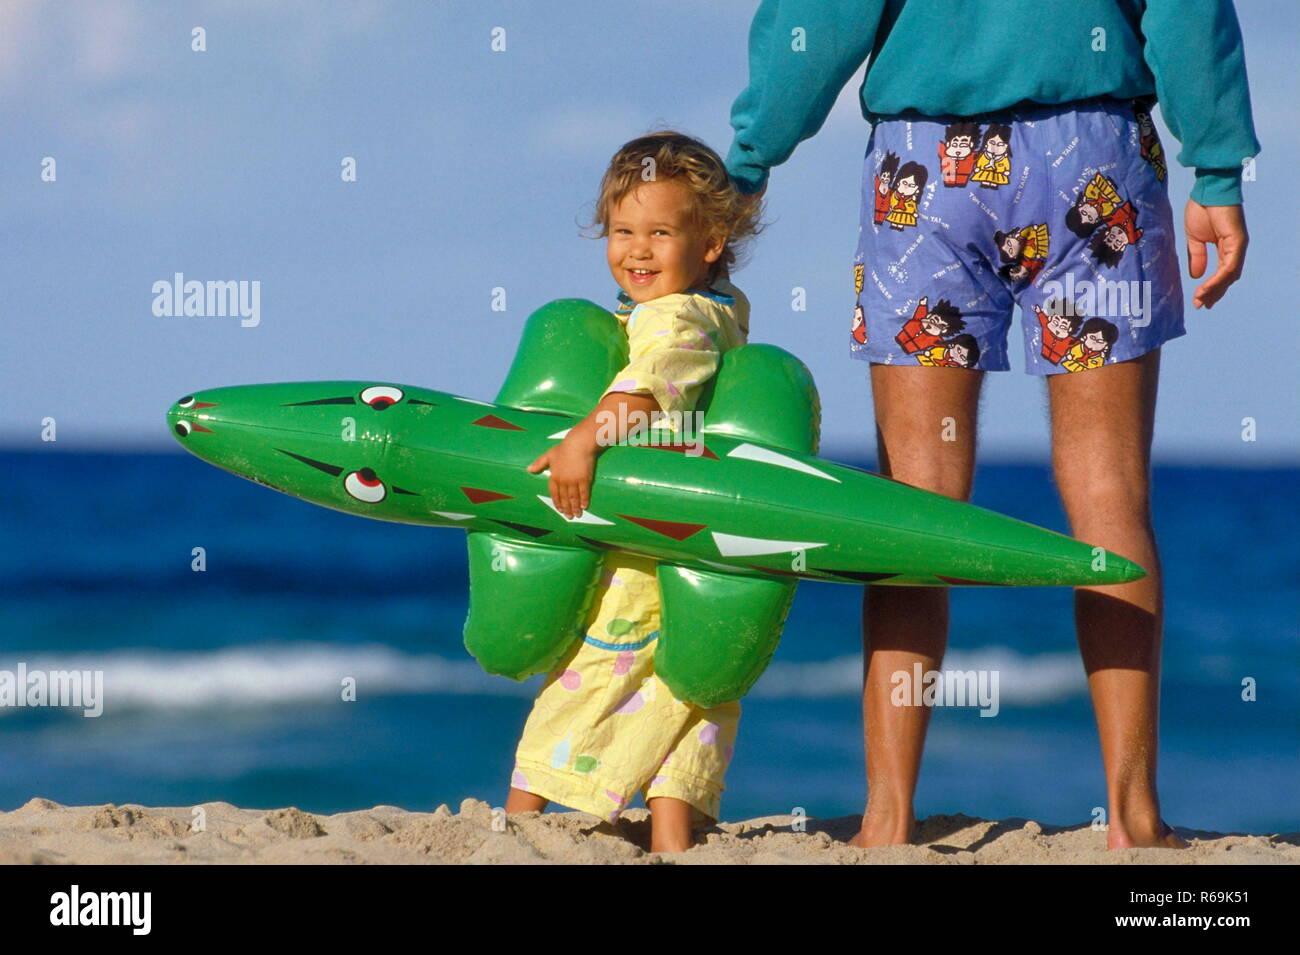 Portrait, Strandszene, Vater geht mit seiner 3 Jahre alten Tochter, die ein grosses Plastikkrokodil unter dem Arm traegt, am Strand spazieren - Stock Image